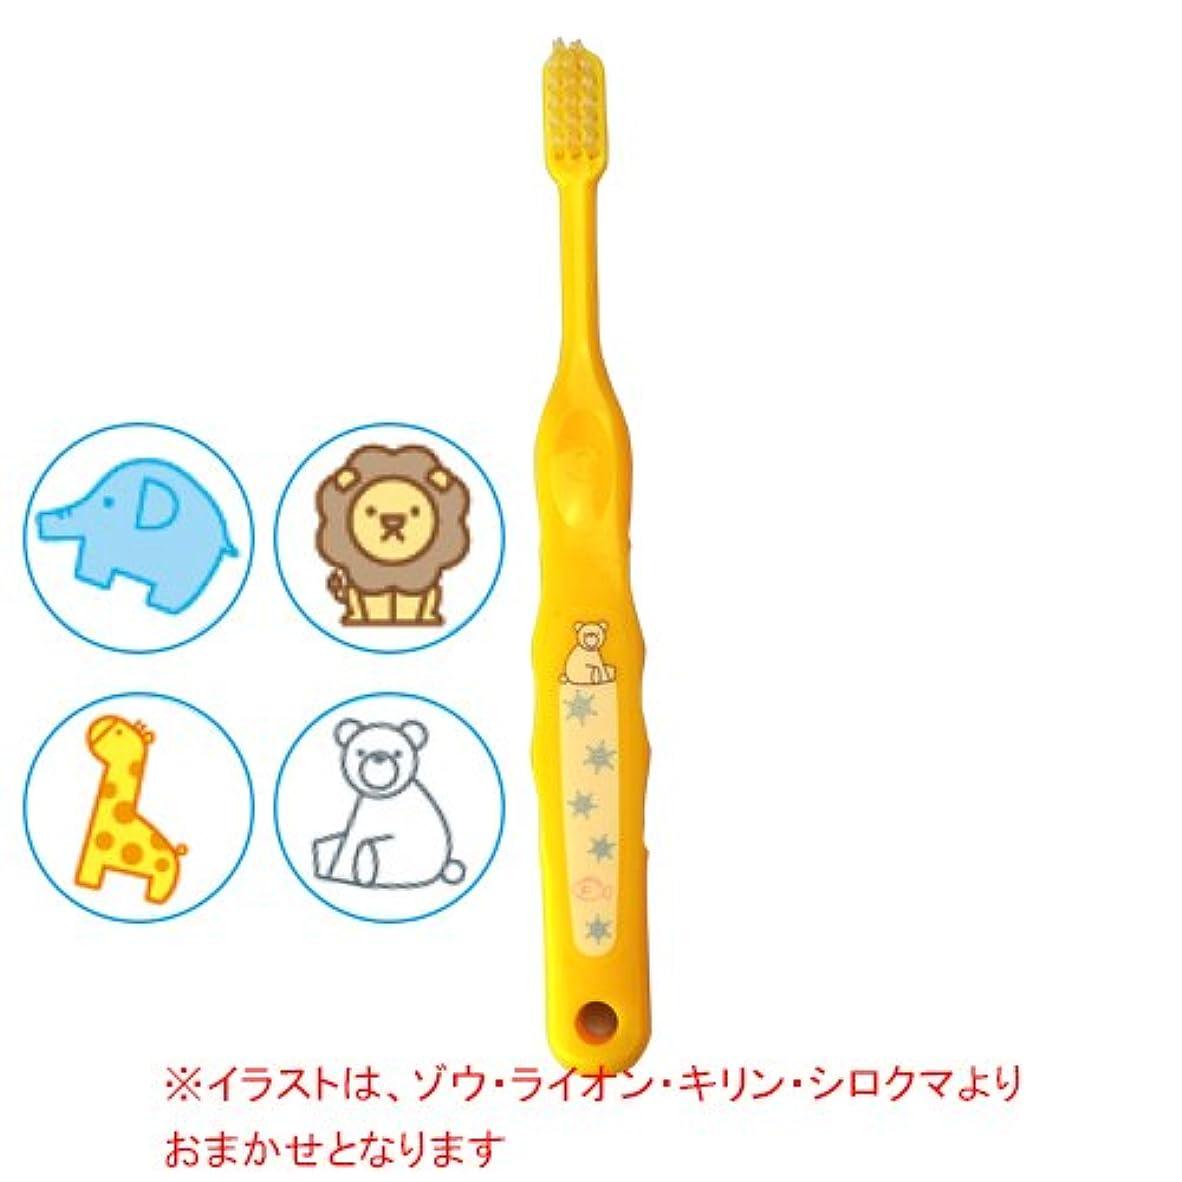 食用長老長老Ciメディカル Ci なまえ歯ブラシ 503 (やわらかめ) (乳児から小学生向)1本 (イエロー)